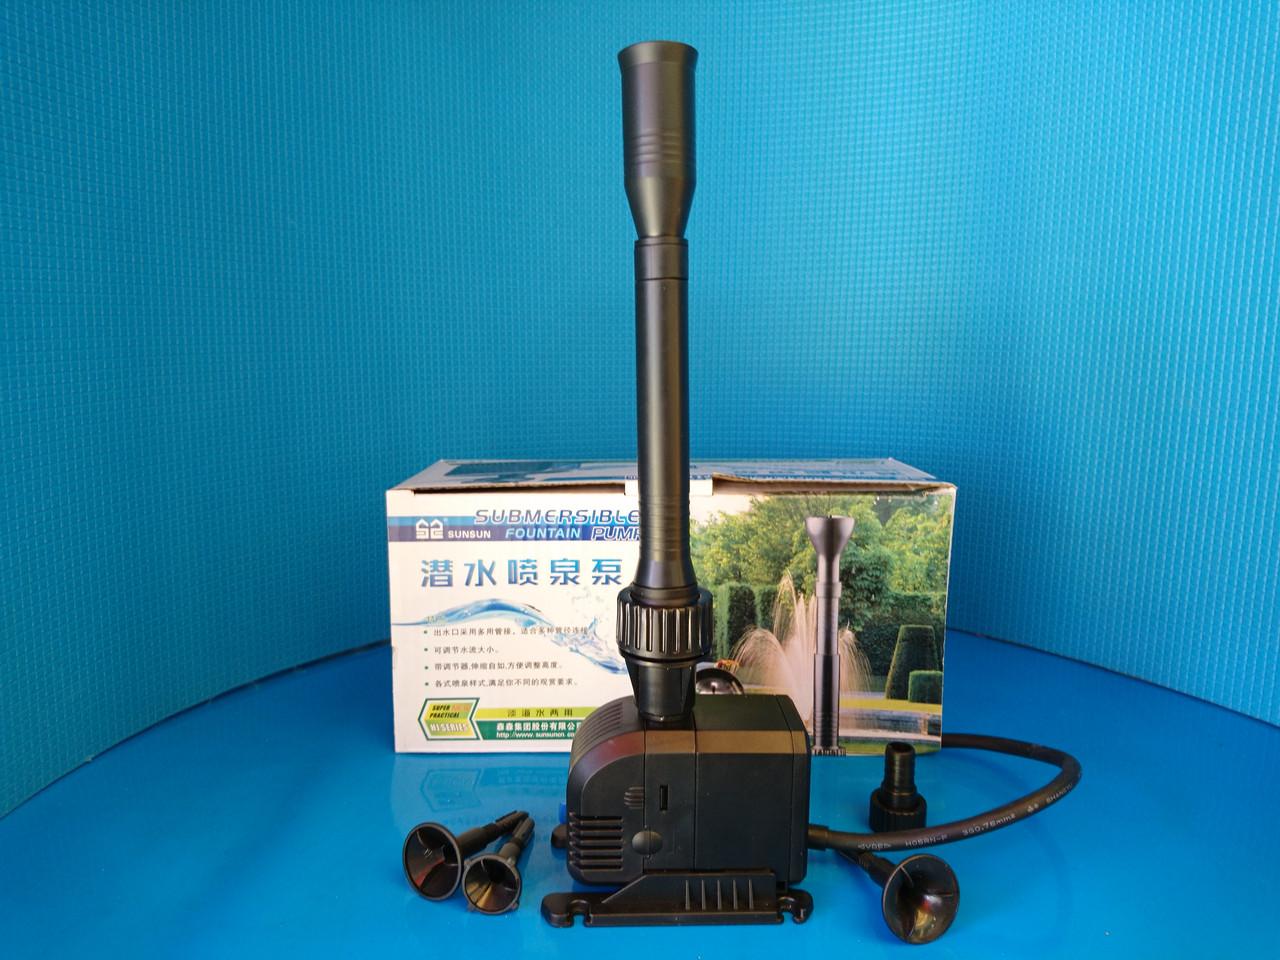 Фонтанный насос SUNSUN HJ-603,  1.3м, 600l/h, 8W, с регулировкой мощности